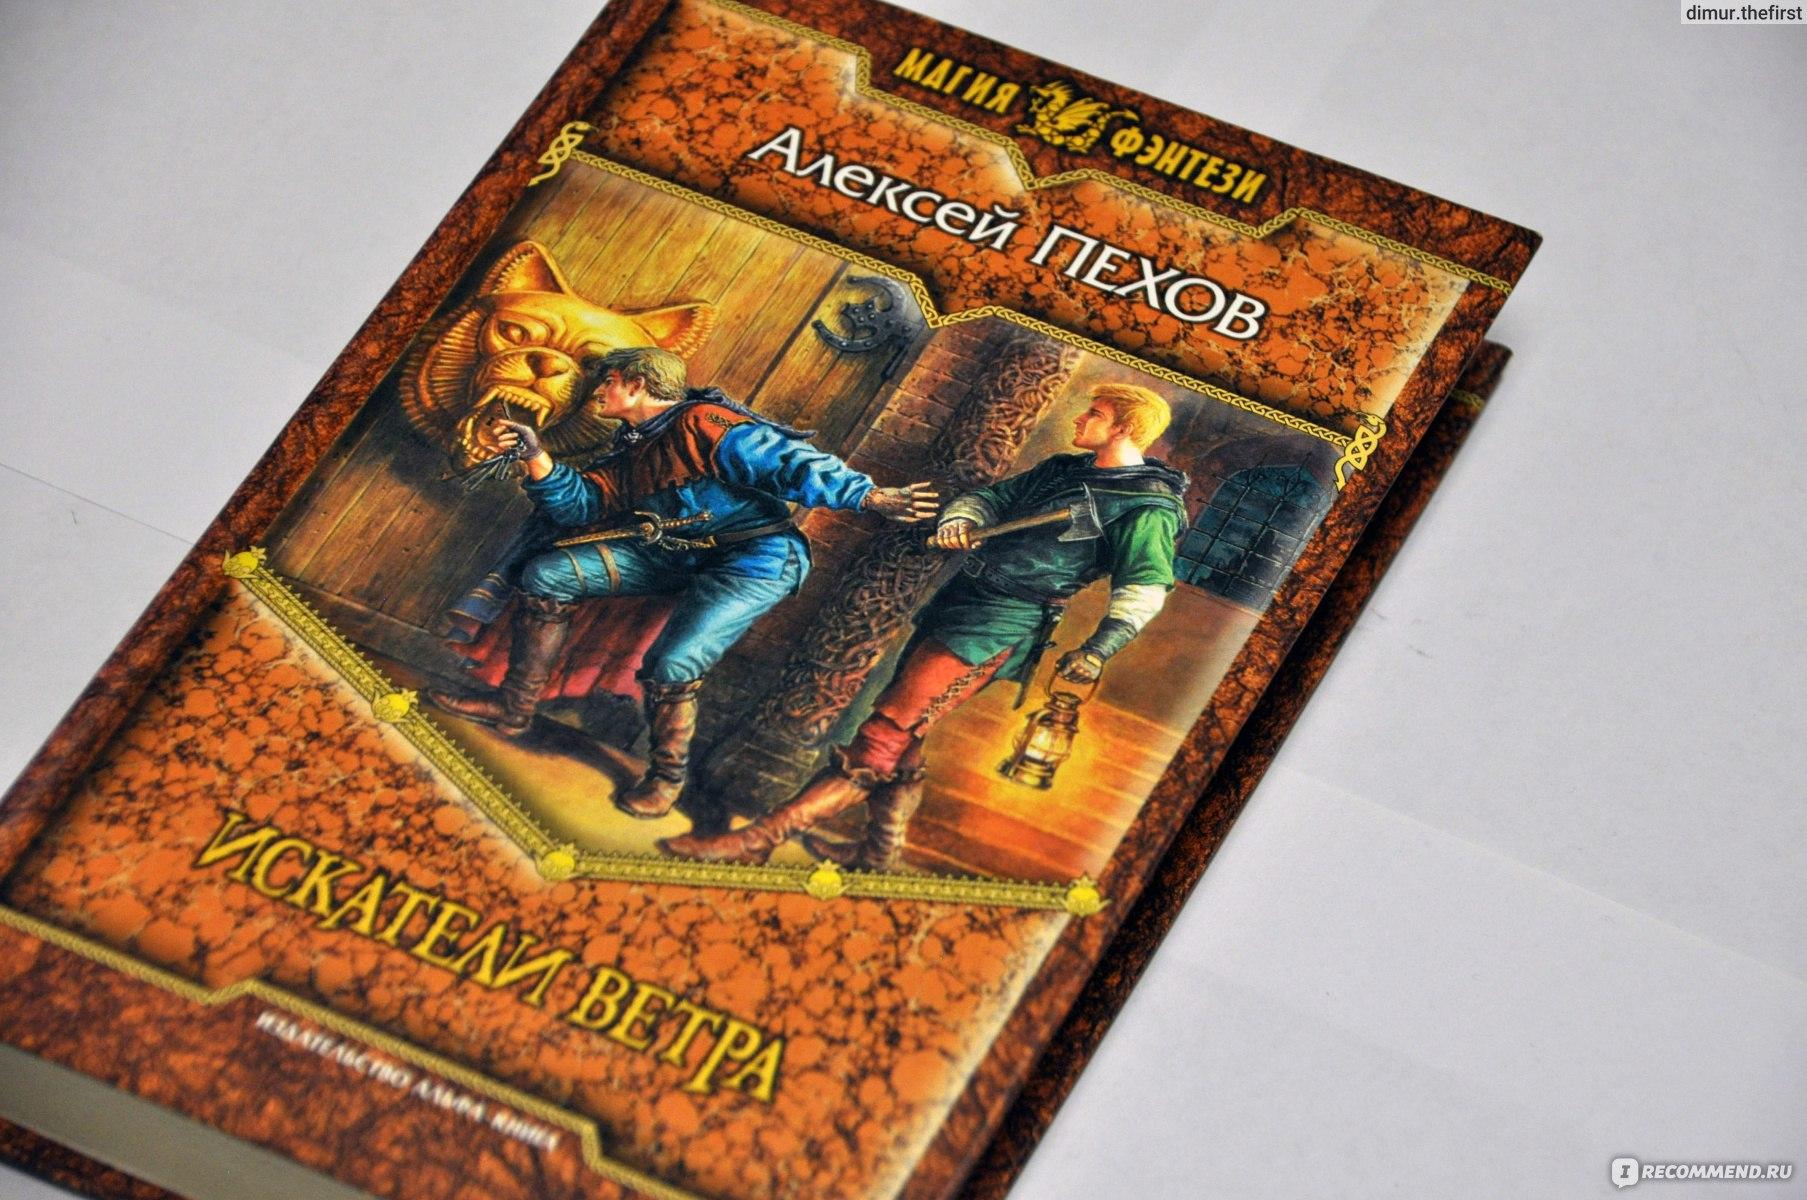 Книга приключения и фантастика